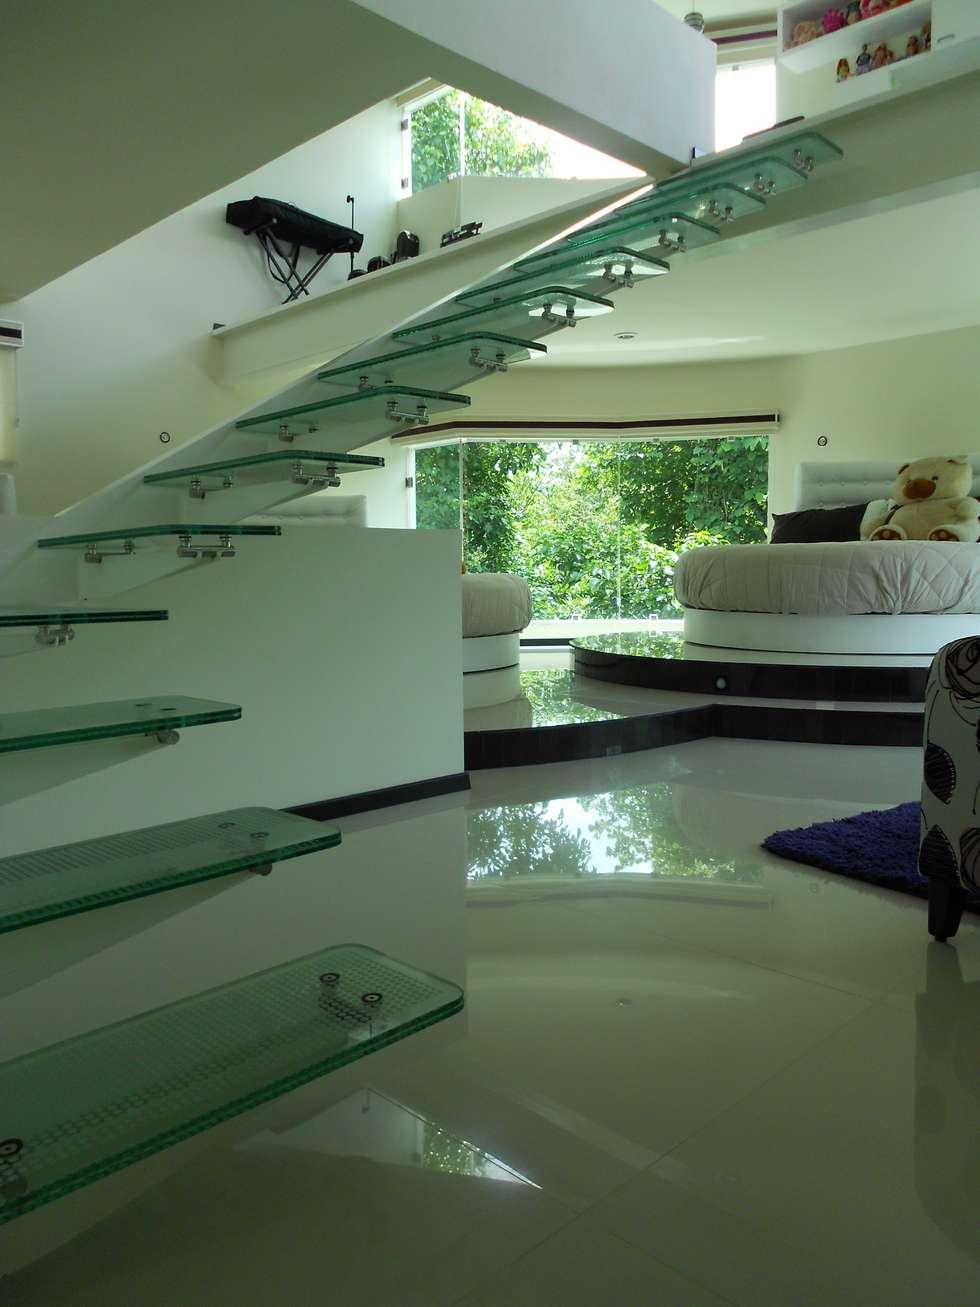 escalera de cristal con herrajes y pasamanos de acero inoxidable